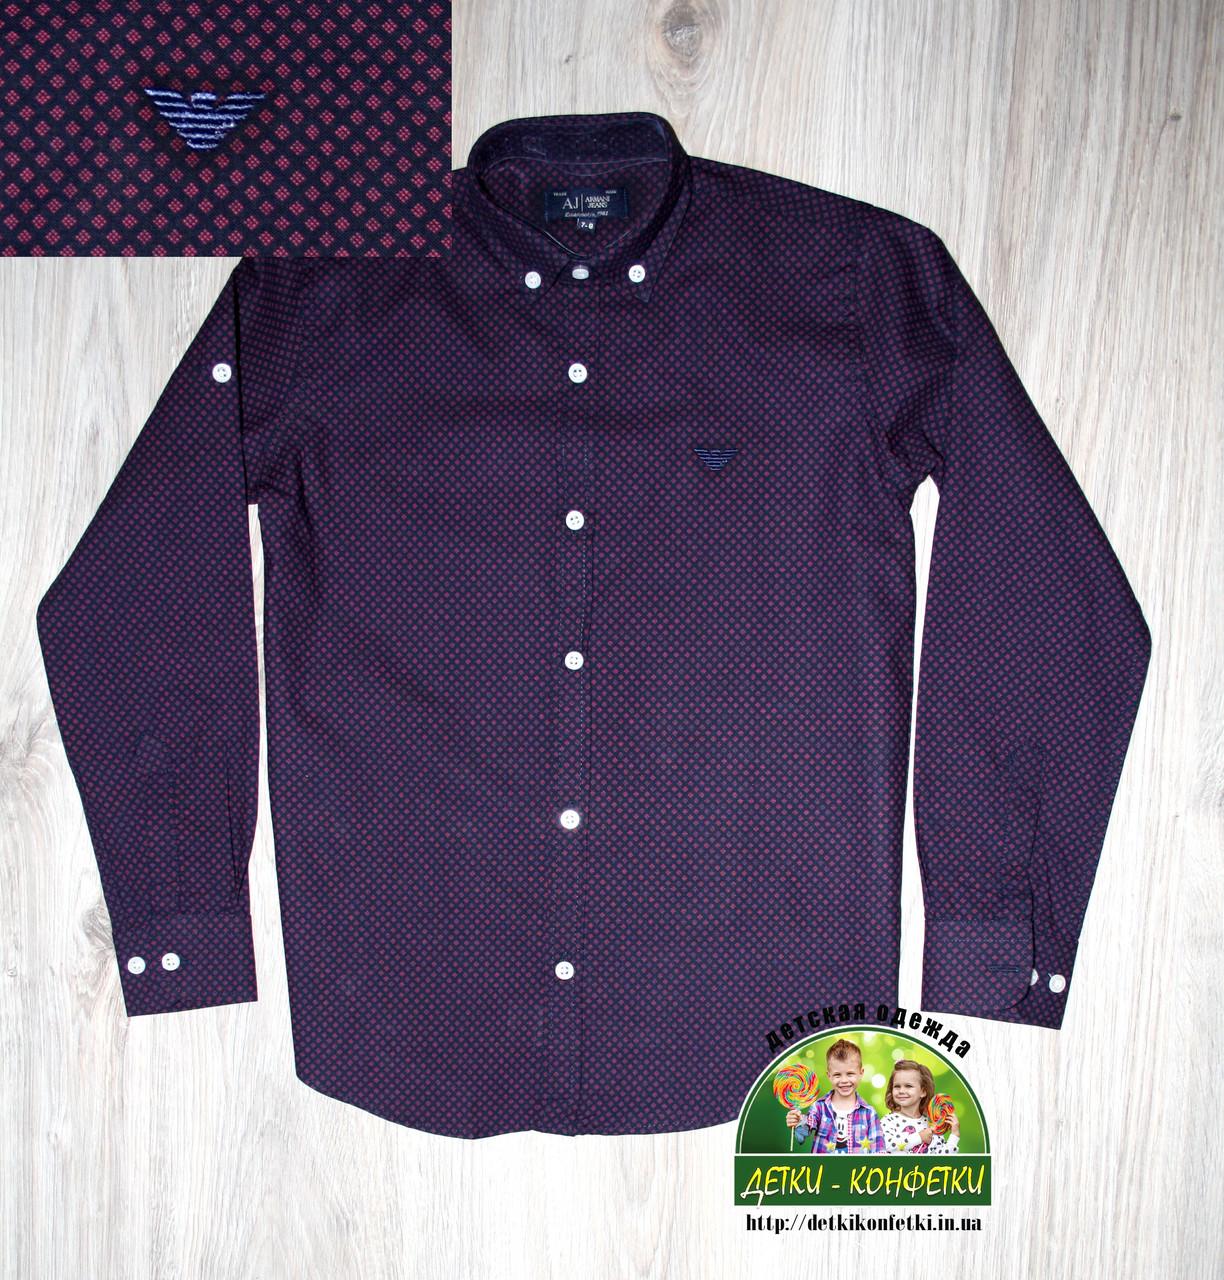 Стильная рубашка ARMANI с длинным рукавом для мальчика 7-8 лет, темно-синяя